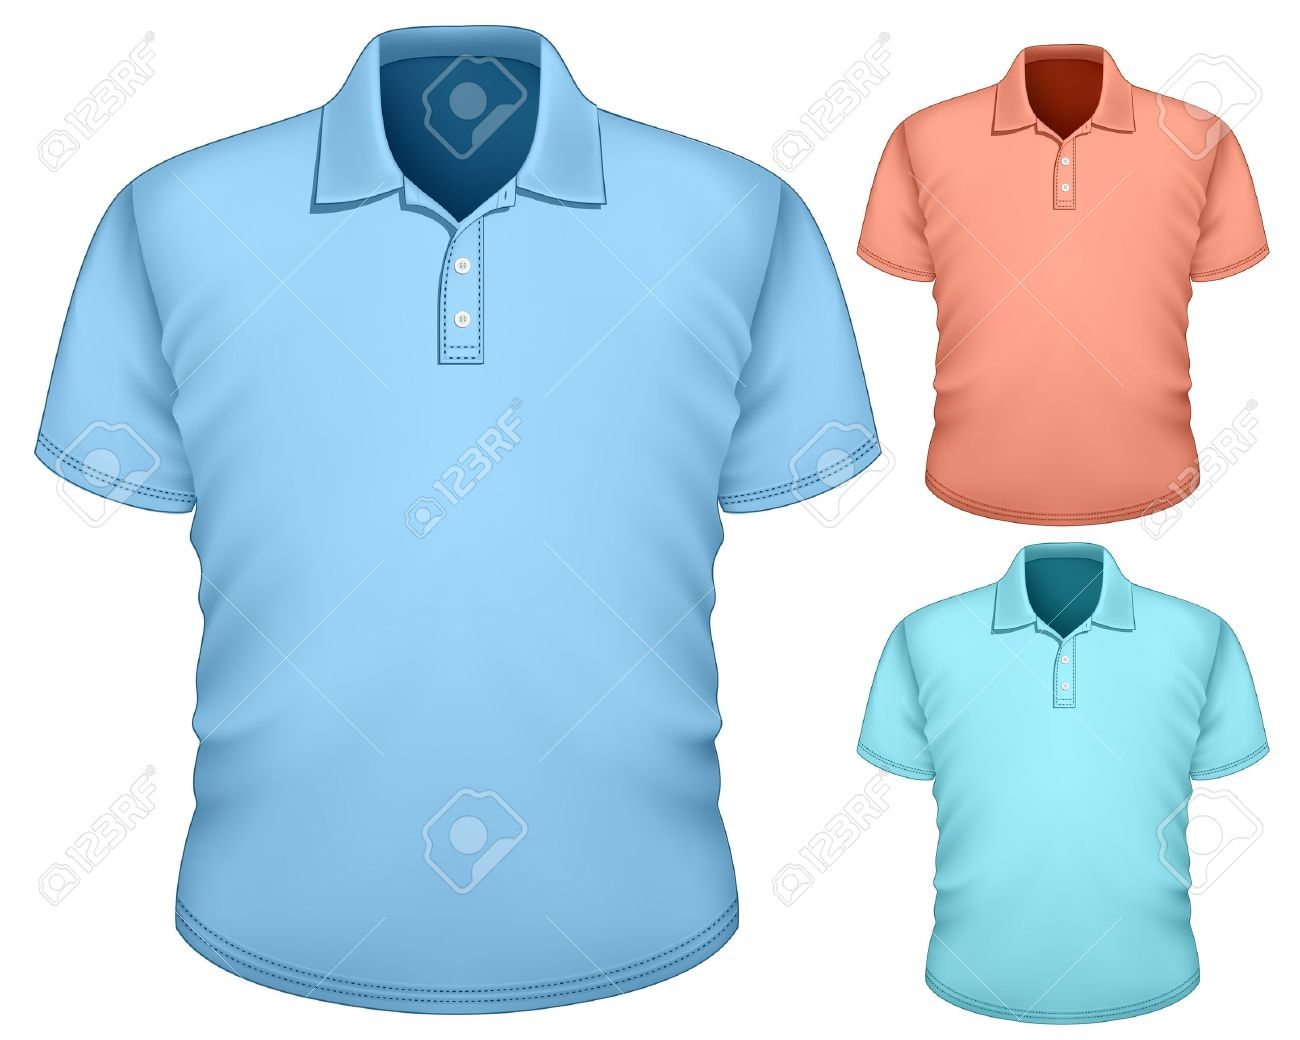 Shirt design with collar - Men S Polo Shirt Design Template Stock Vector 18403758